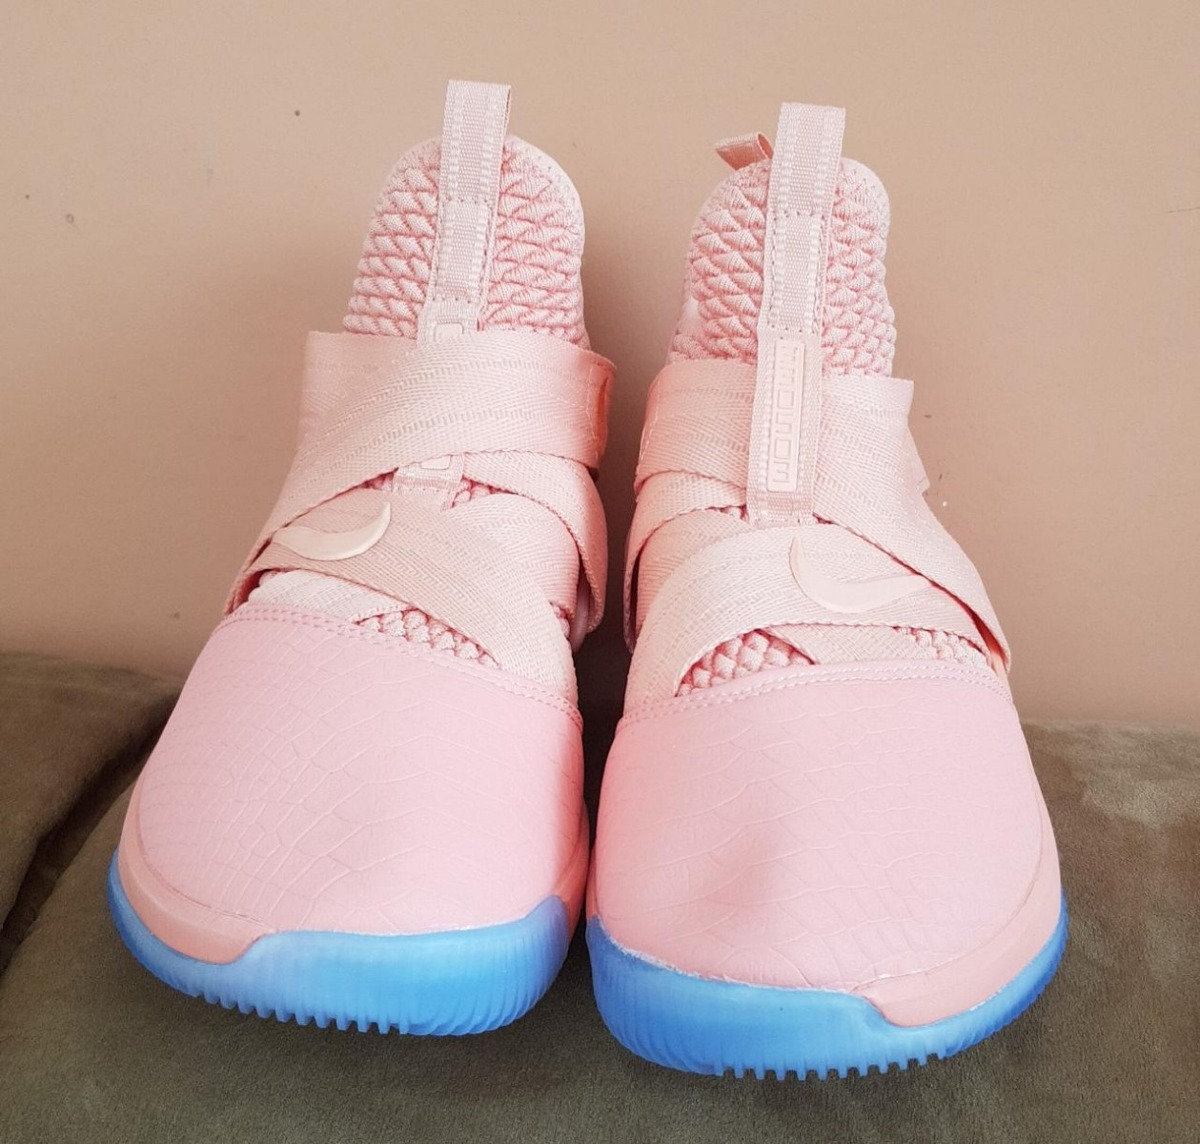 9f26fbb3a273bd zapatillas basketball nike lebron soldier xii nuevas. Cargando zoom.